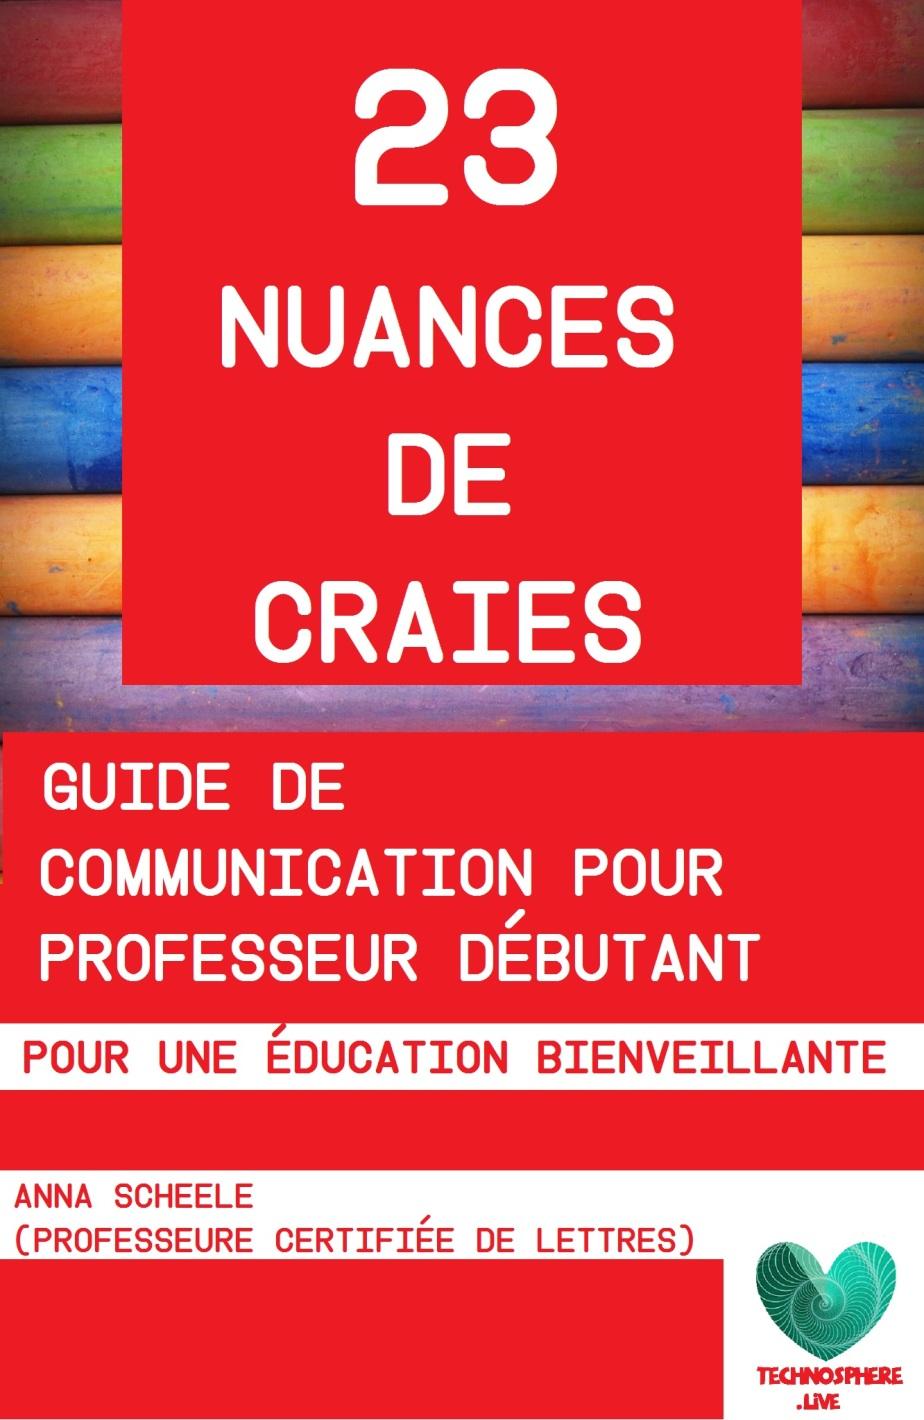 23 nuances de craies – Guide de communication pour professeursdébutants